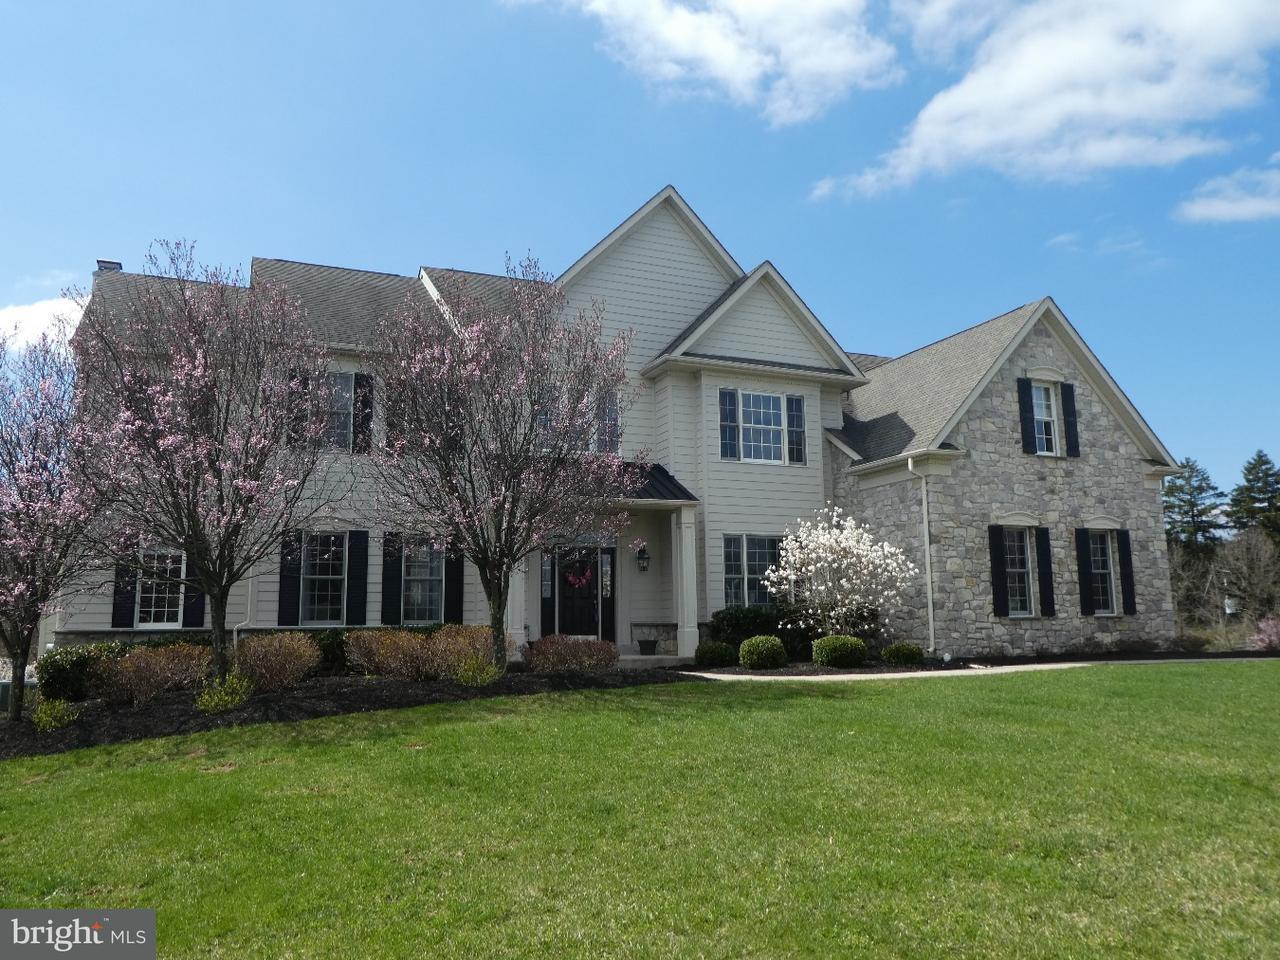 Maison unifamiliale pour l Vente à 2423 APRIL Drive Jamison, Pennsylvanie 18929 États-Unis